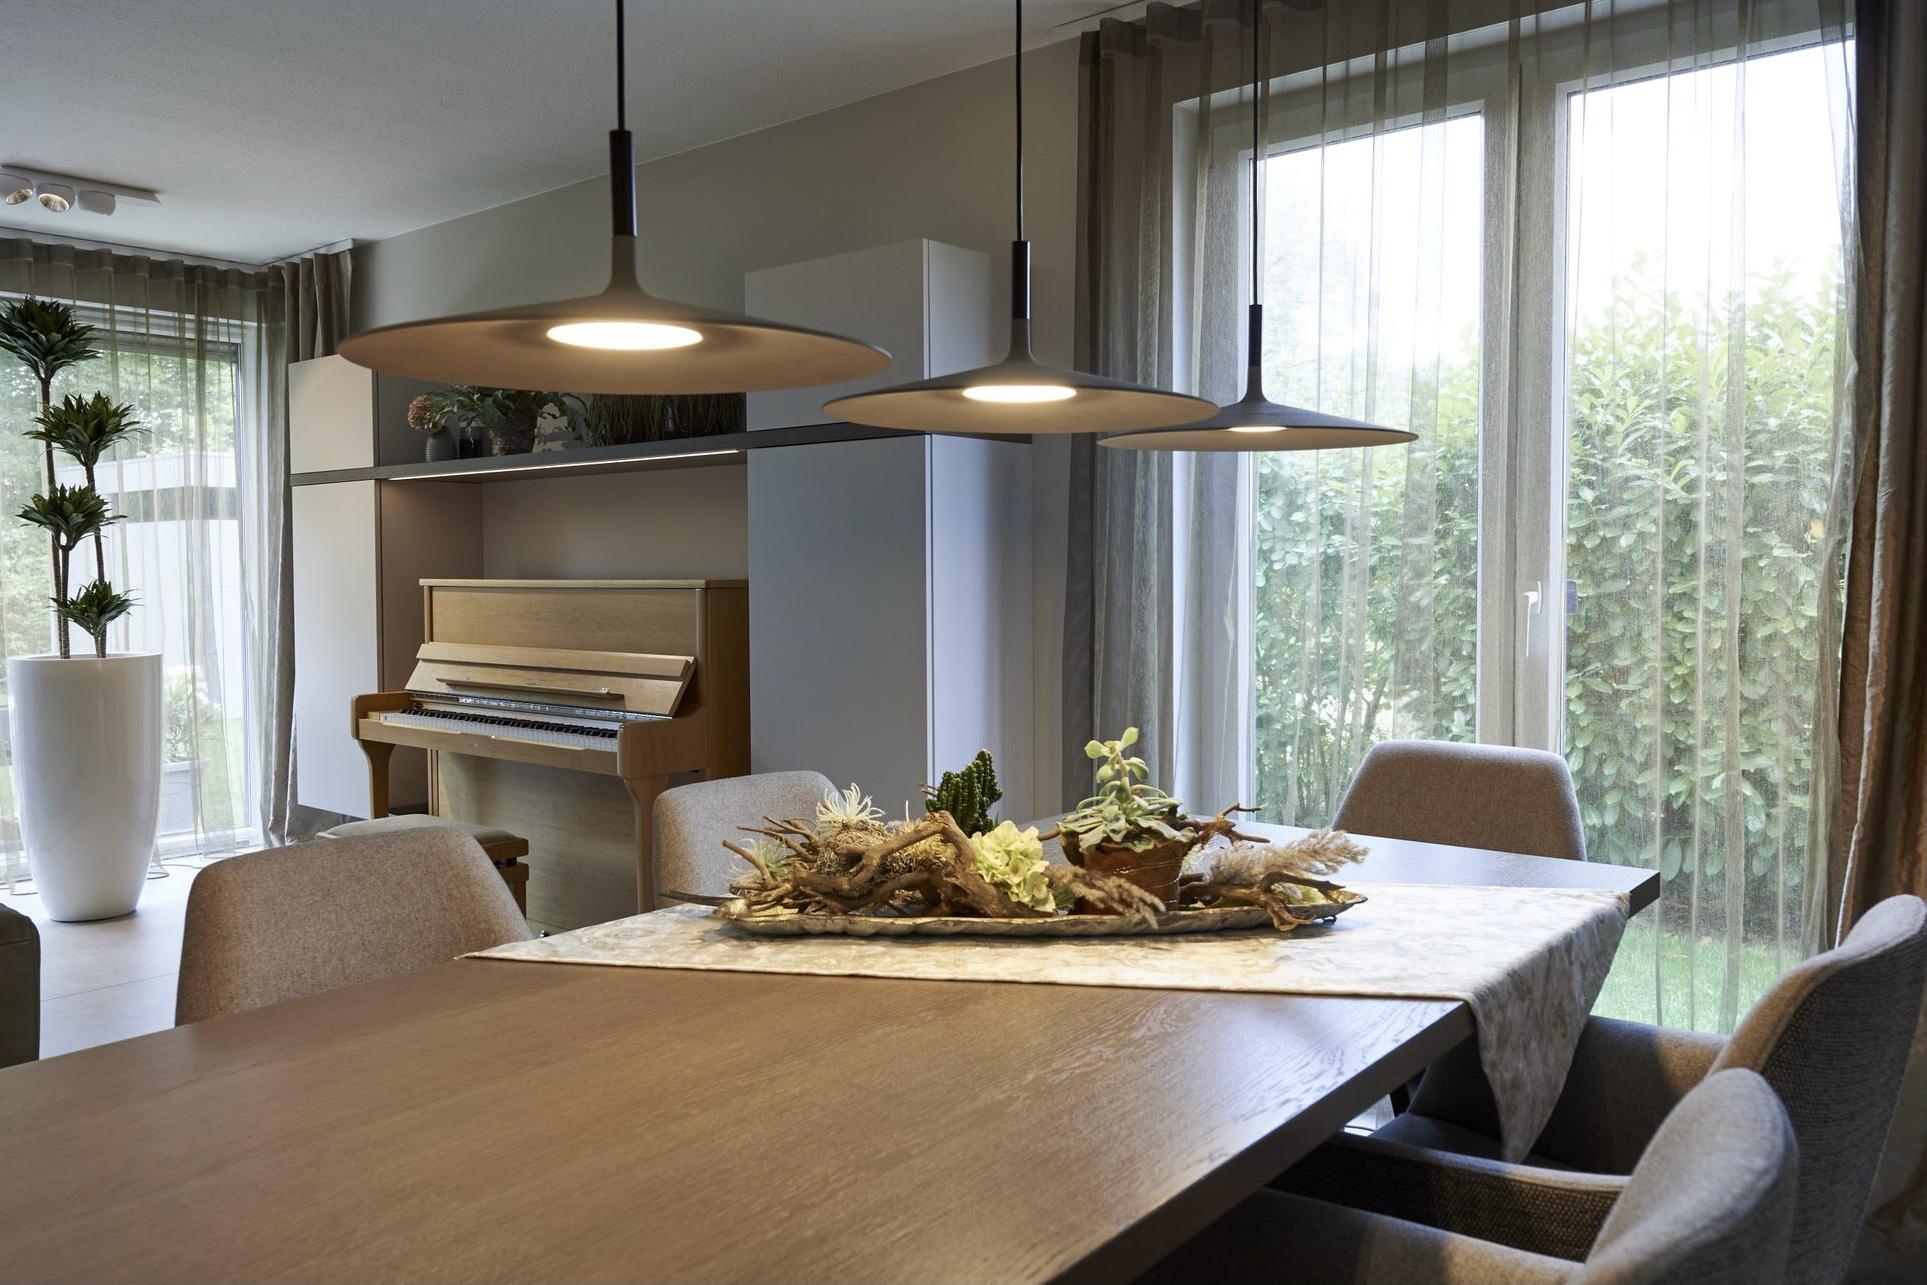 www.ideenraumgeben.de-renovierung-eines-wohnraums-mit-effektfeuer-752459fd-c61d-4dcc-b3cb-1e57256c0f6f